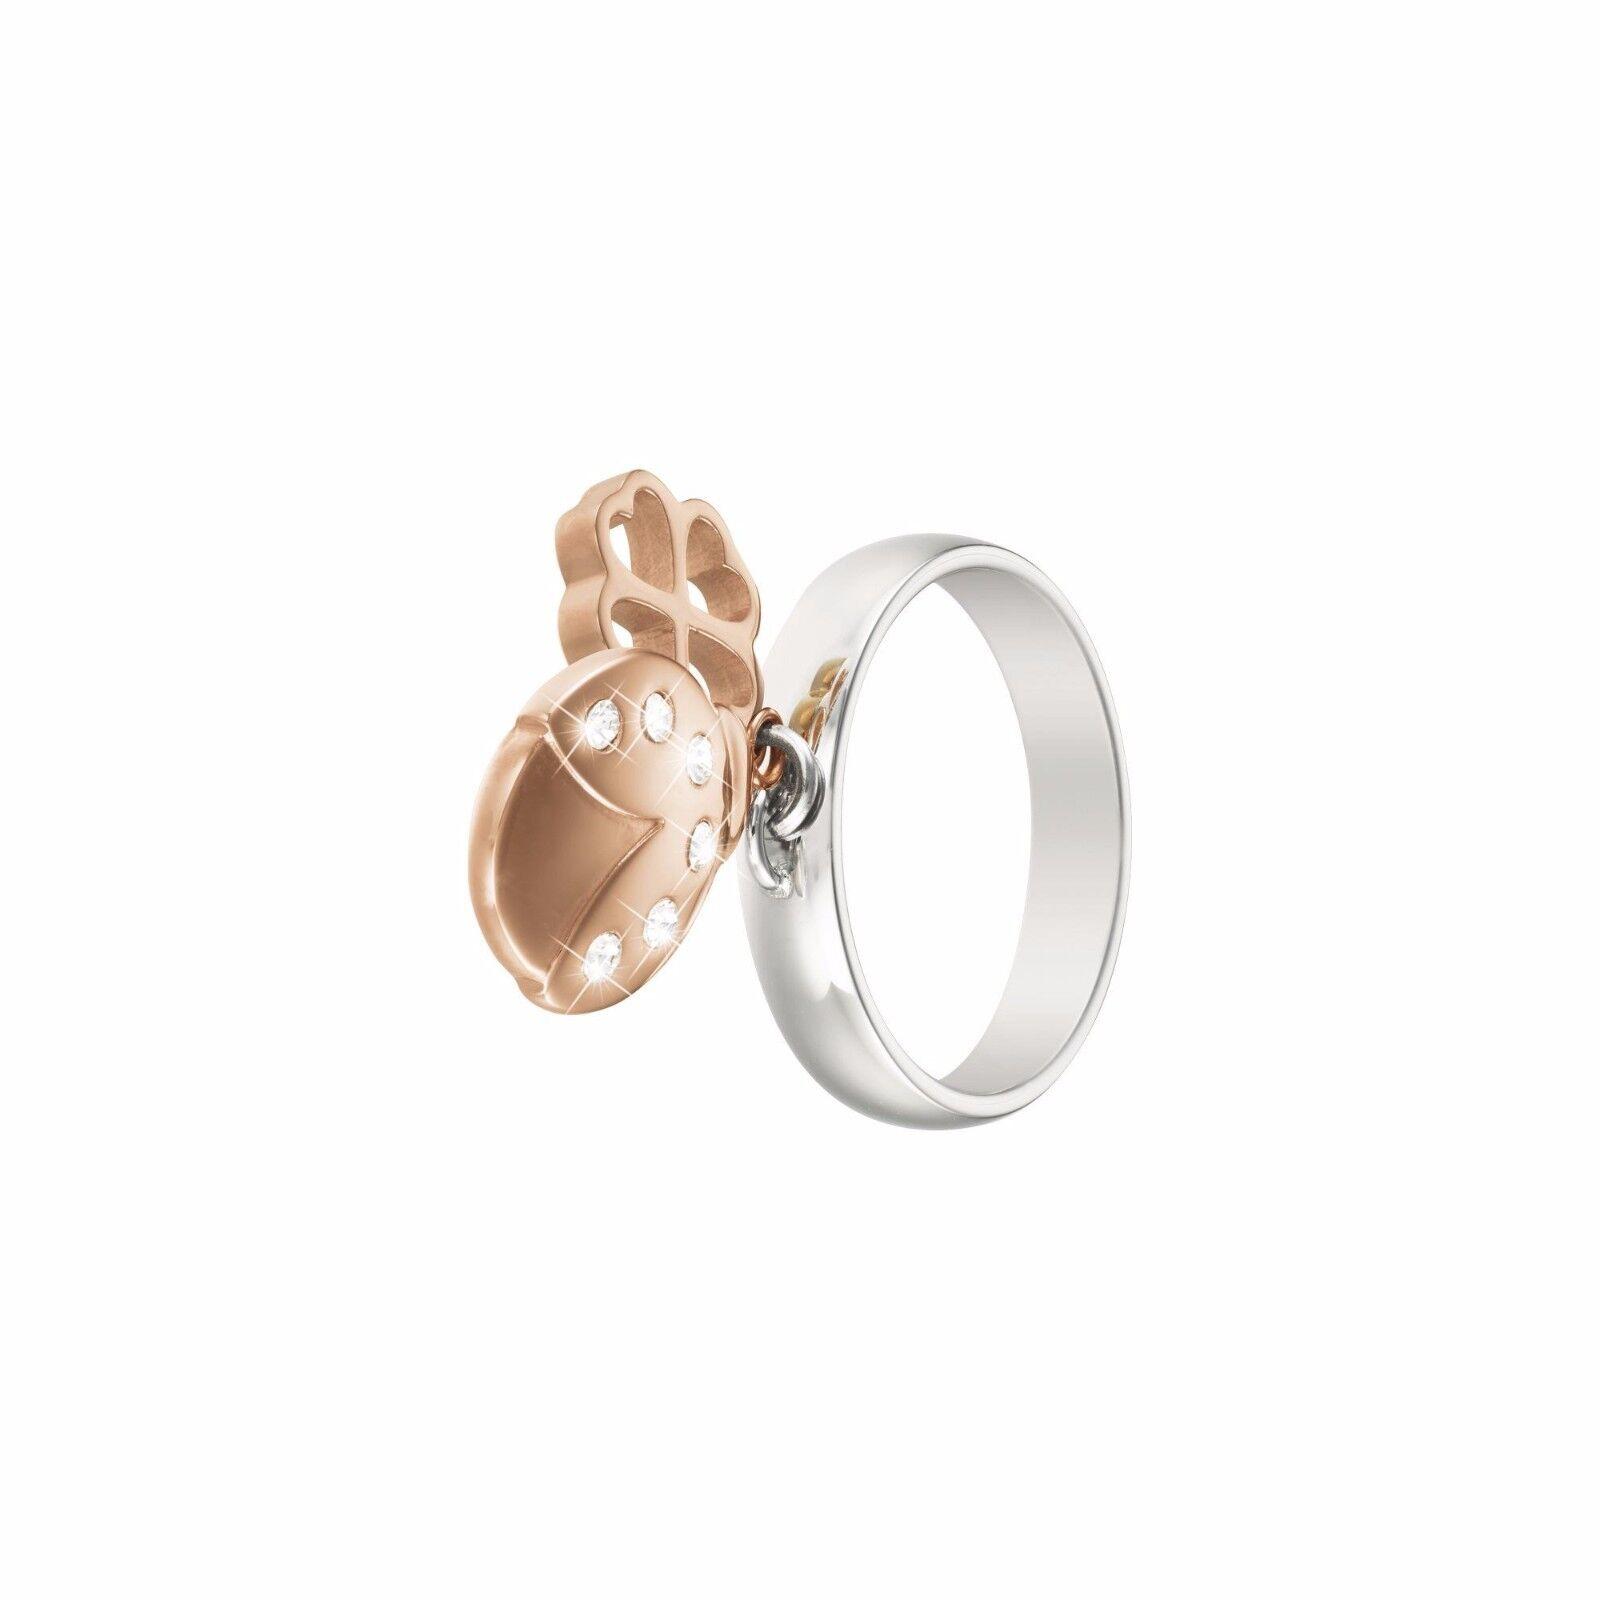 Anello coccinella  STROILI in acciaio rodiato e cristalli LADY GLAM 1628011